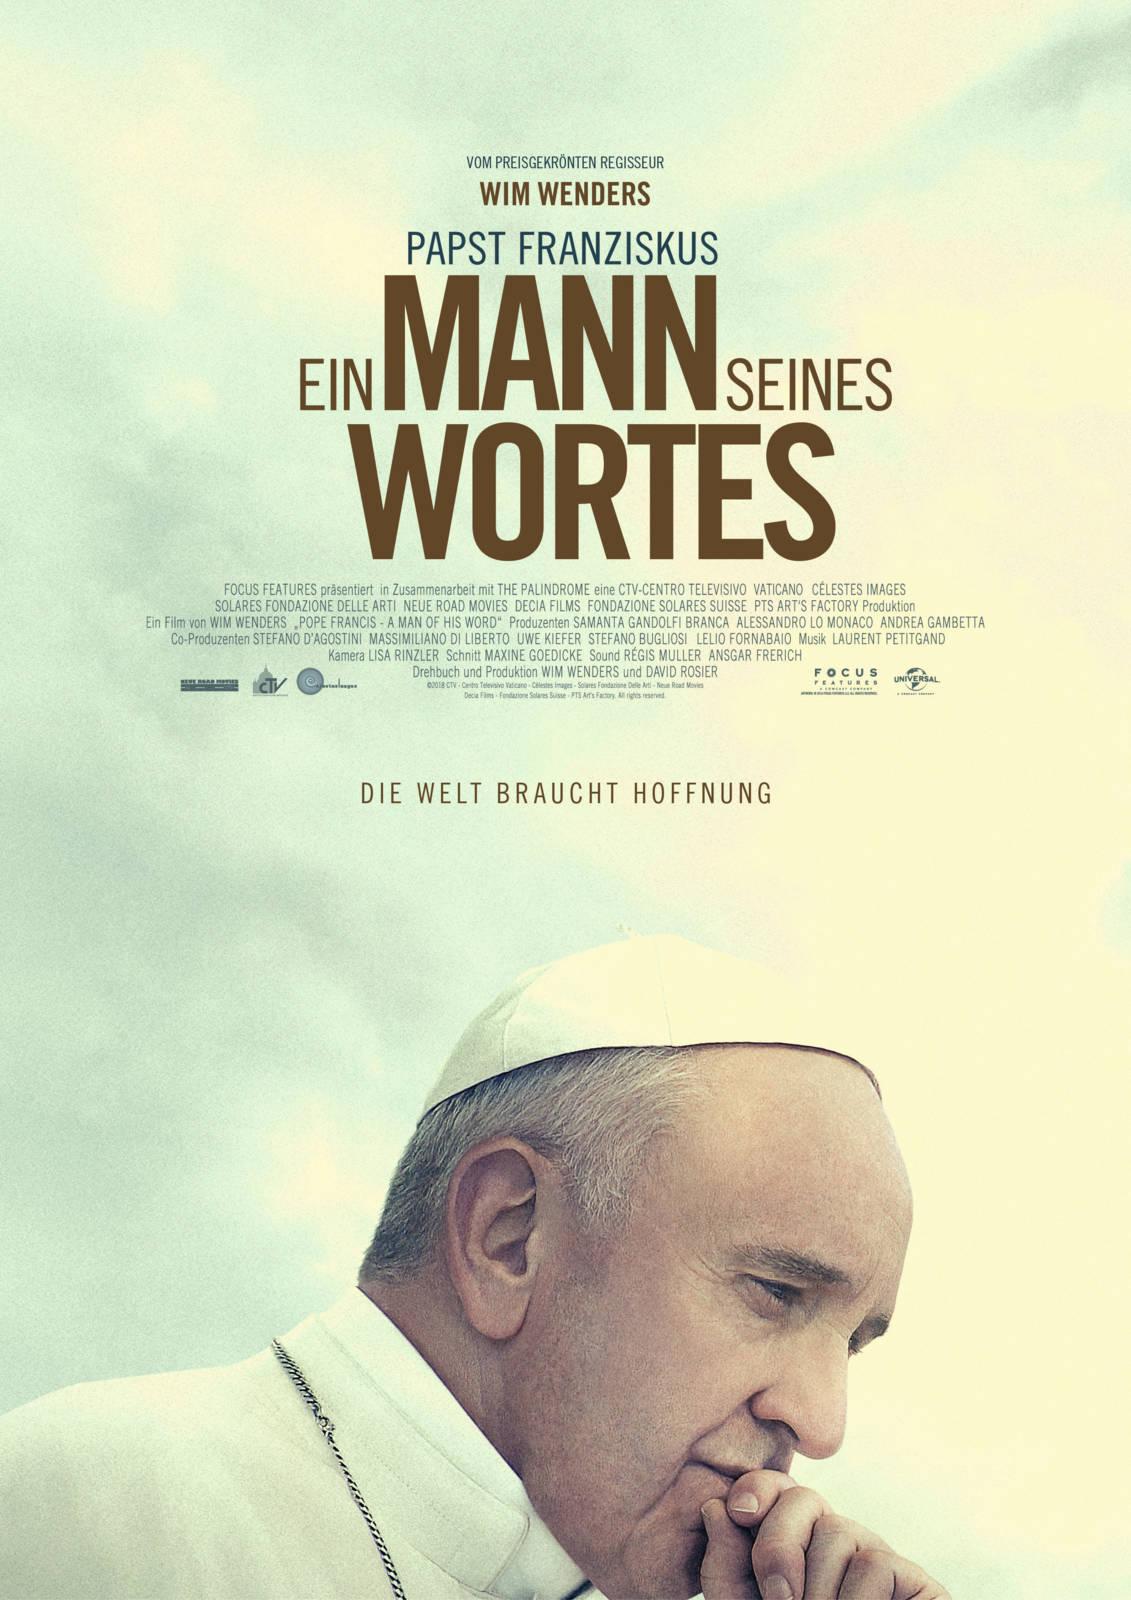 Papst Frankziskus - Ein Mann Seines Wortes